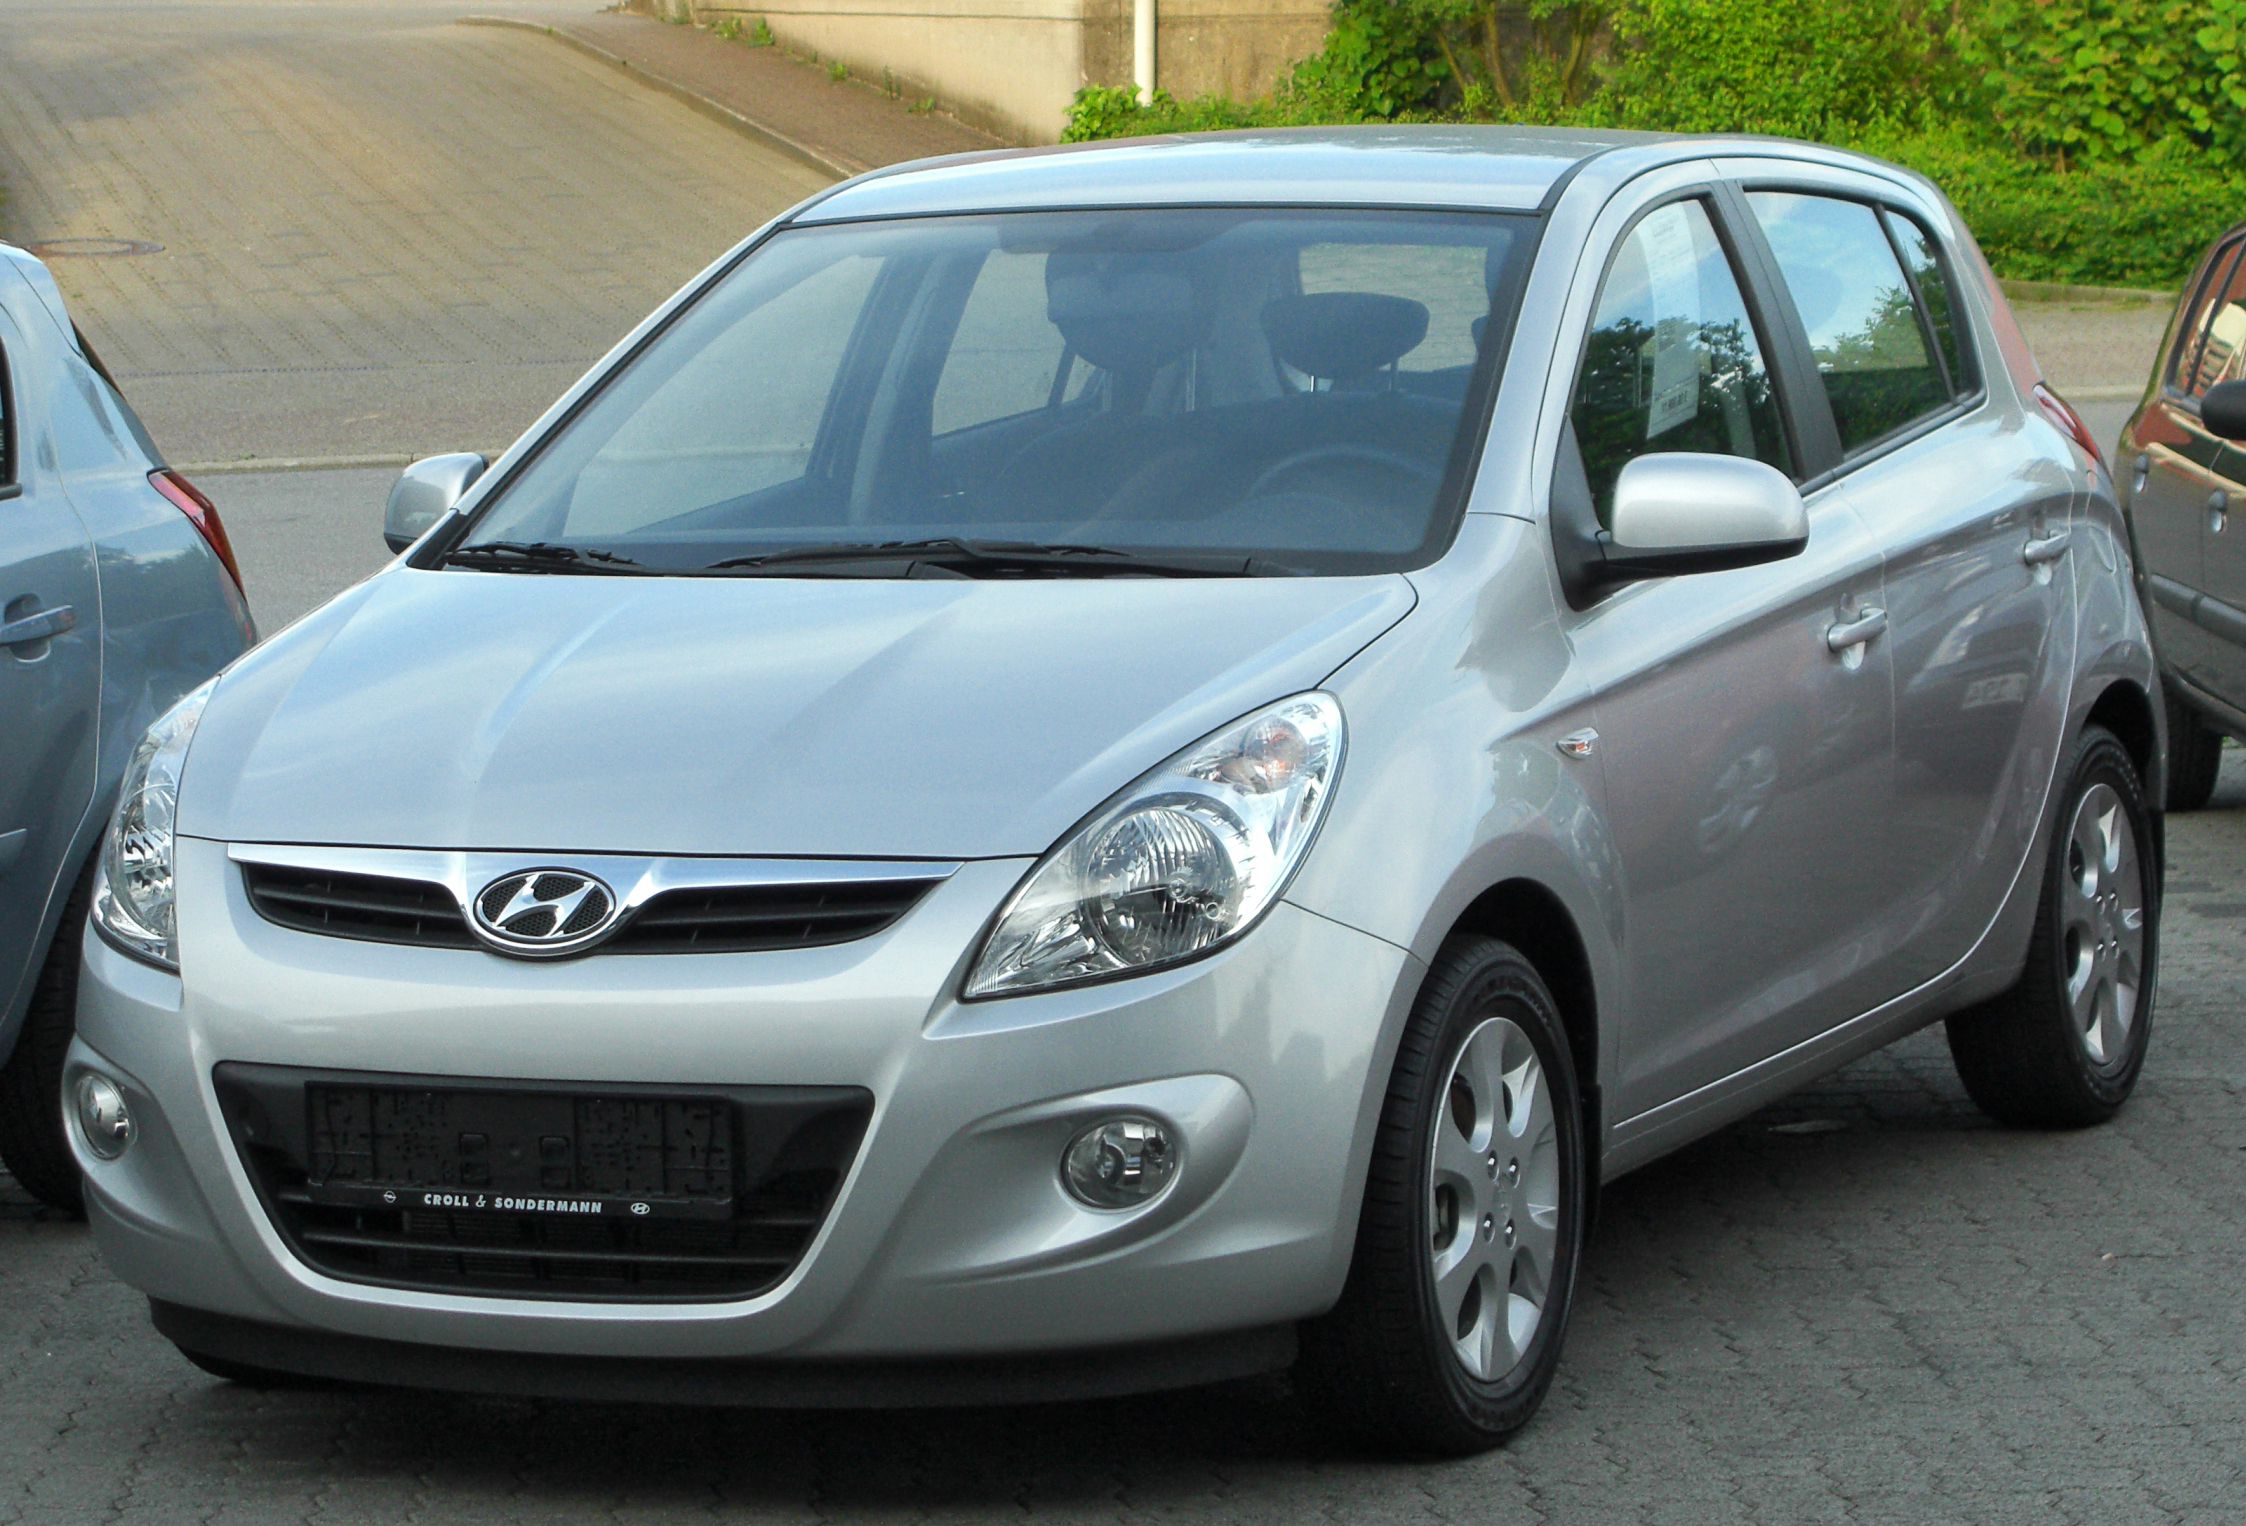 File Hyundai I20 1 2 Comfort Front 20100617 Jpg